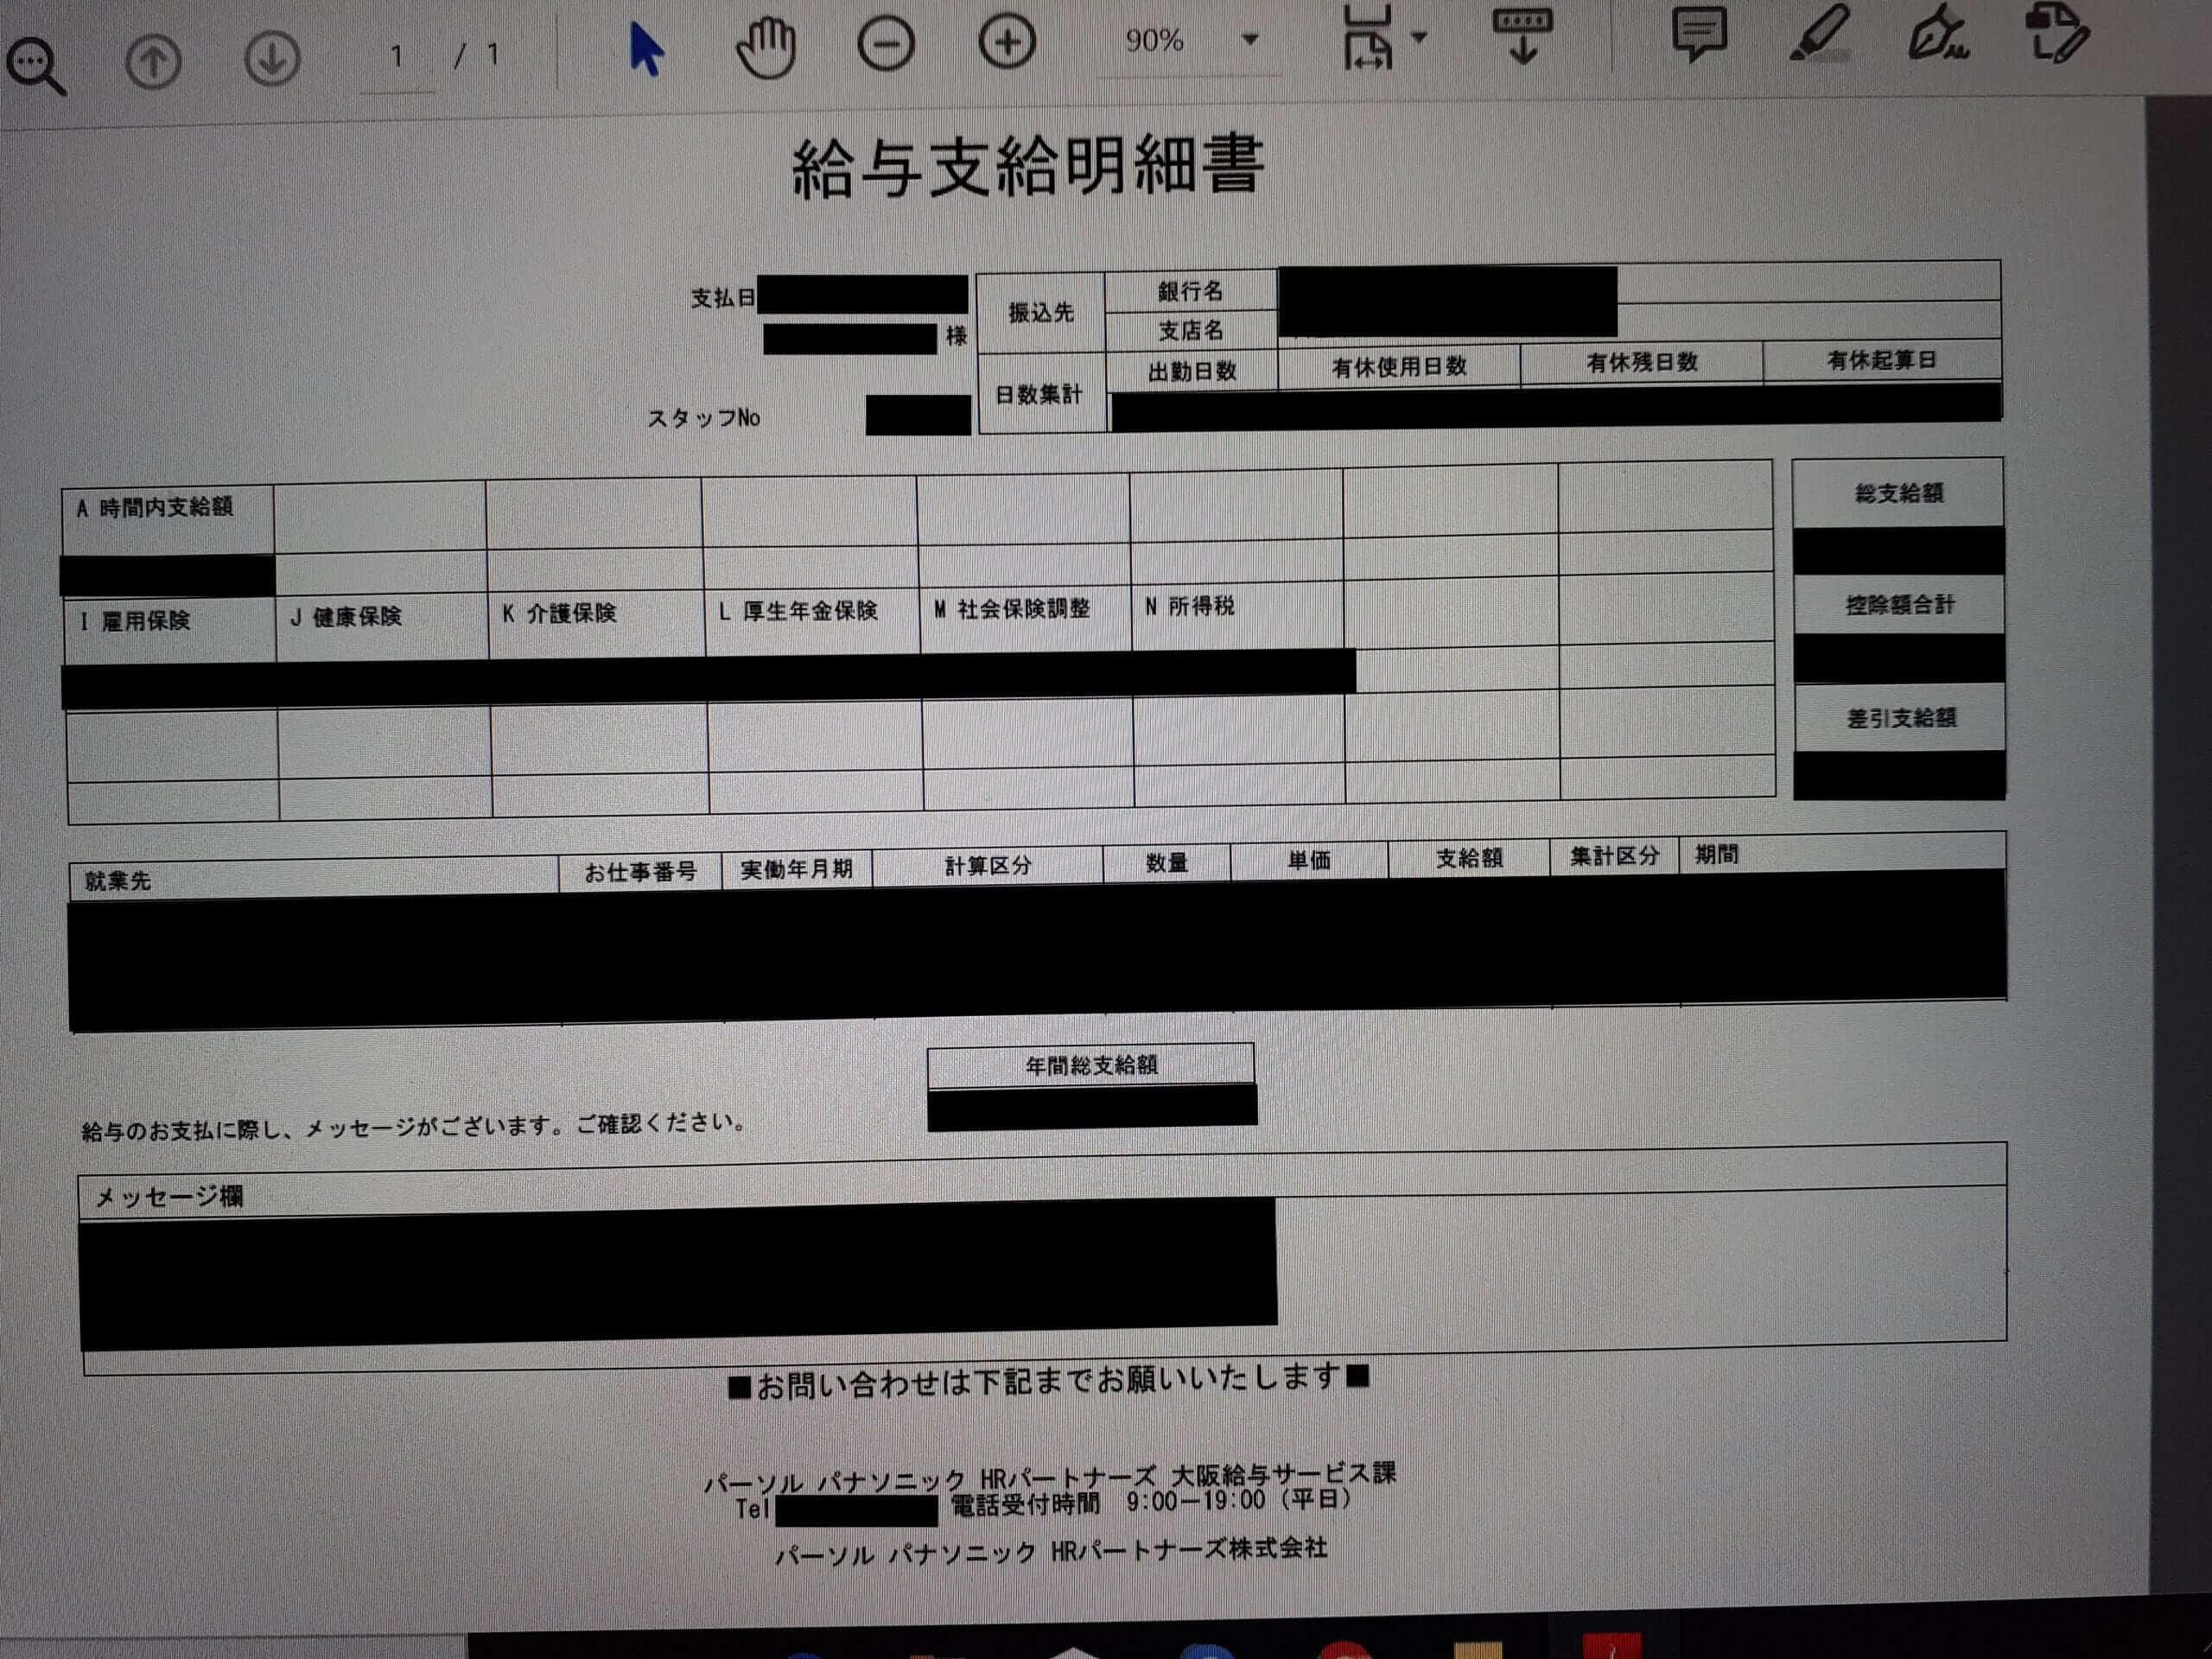 パーソル パナソニック HRパートナーズ株式会社 関西キャリアサポート部